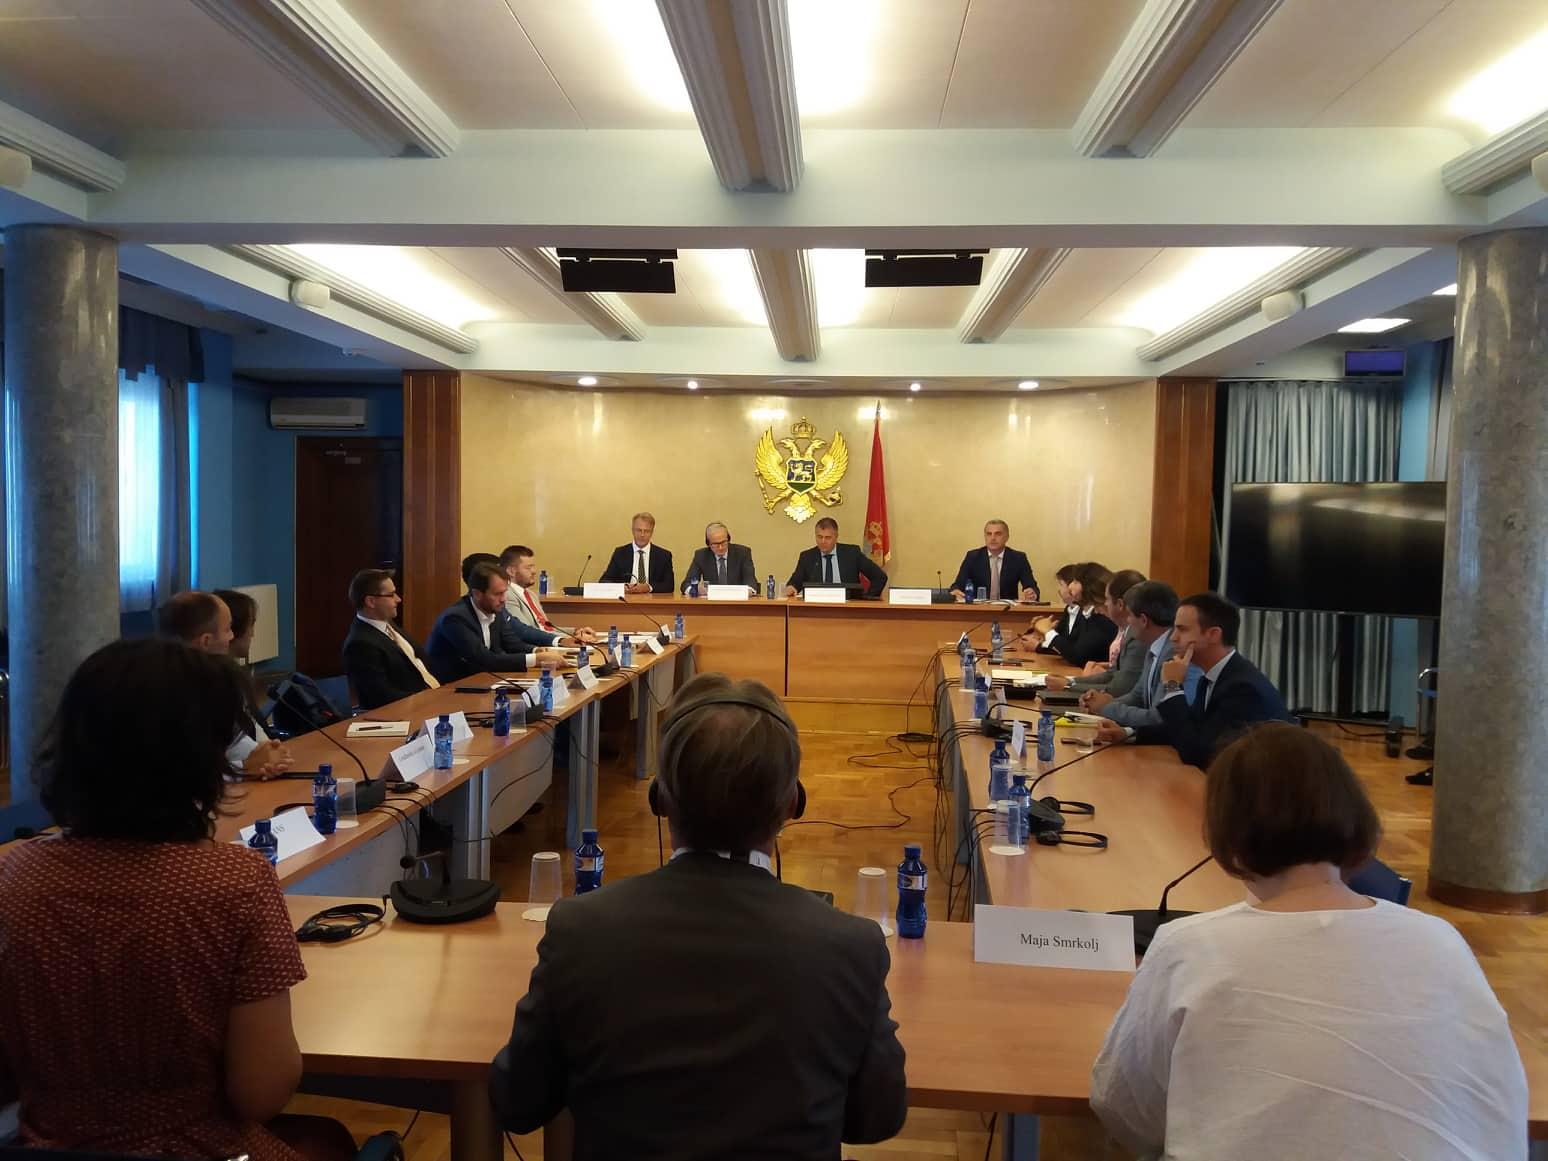 Završena sjednica Odbora, prisustvovali joj i predstavnici EU